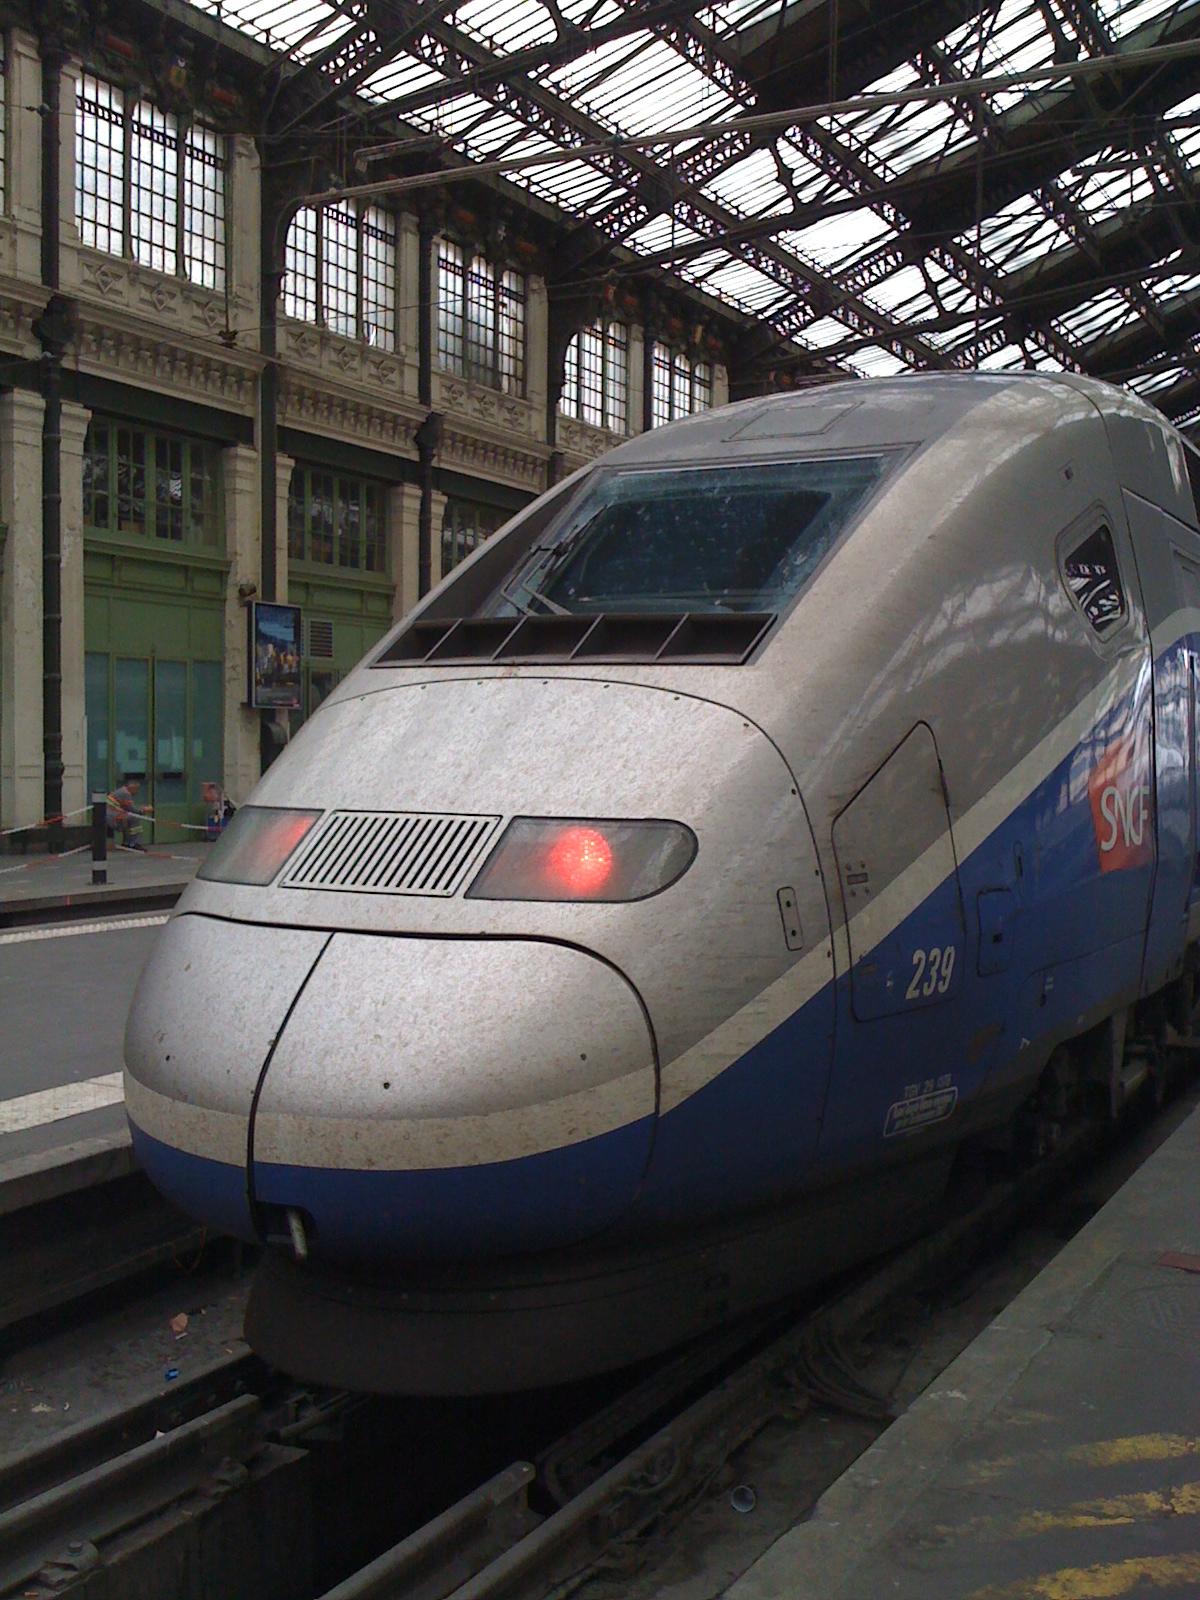 на перроне за этим поездом идет операция по обезвреживанию бомбы (серьезно!)